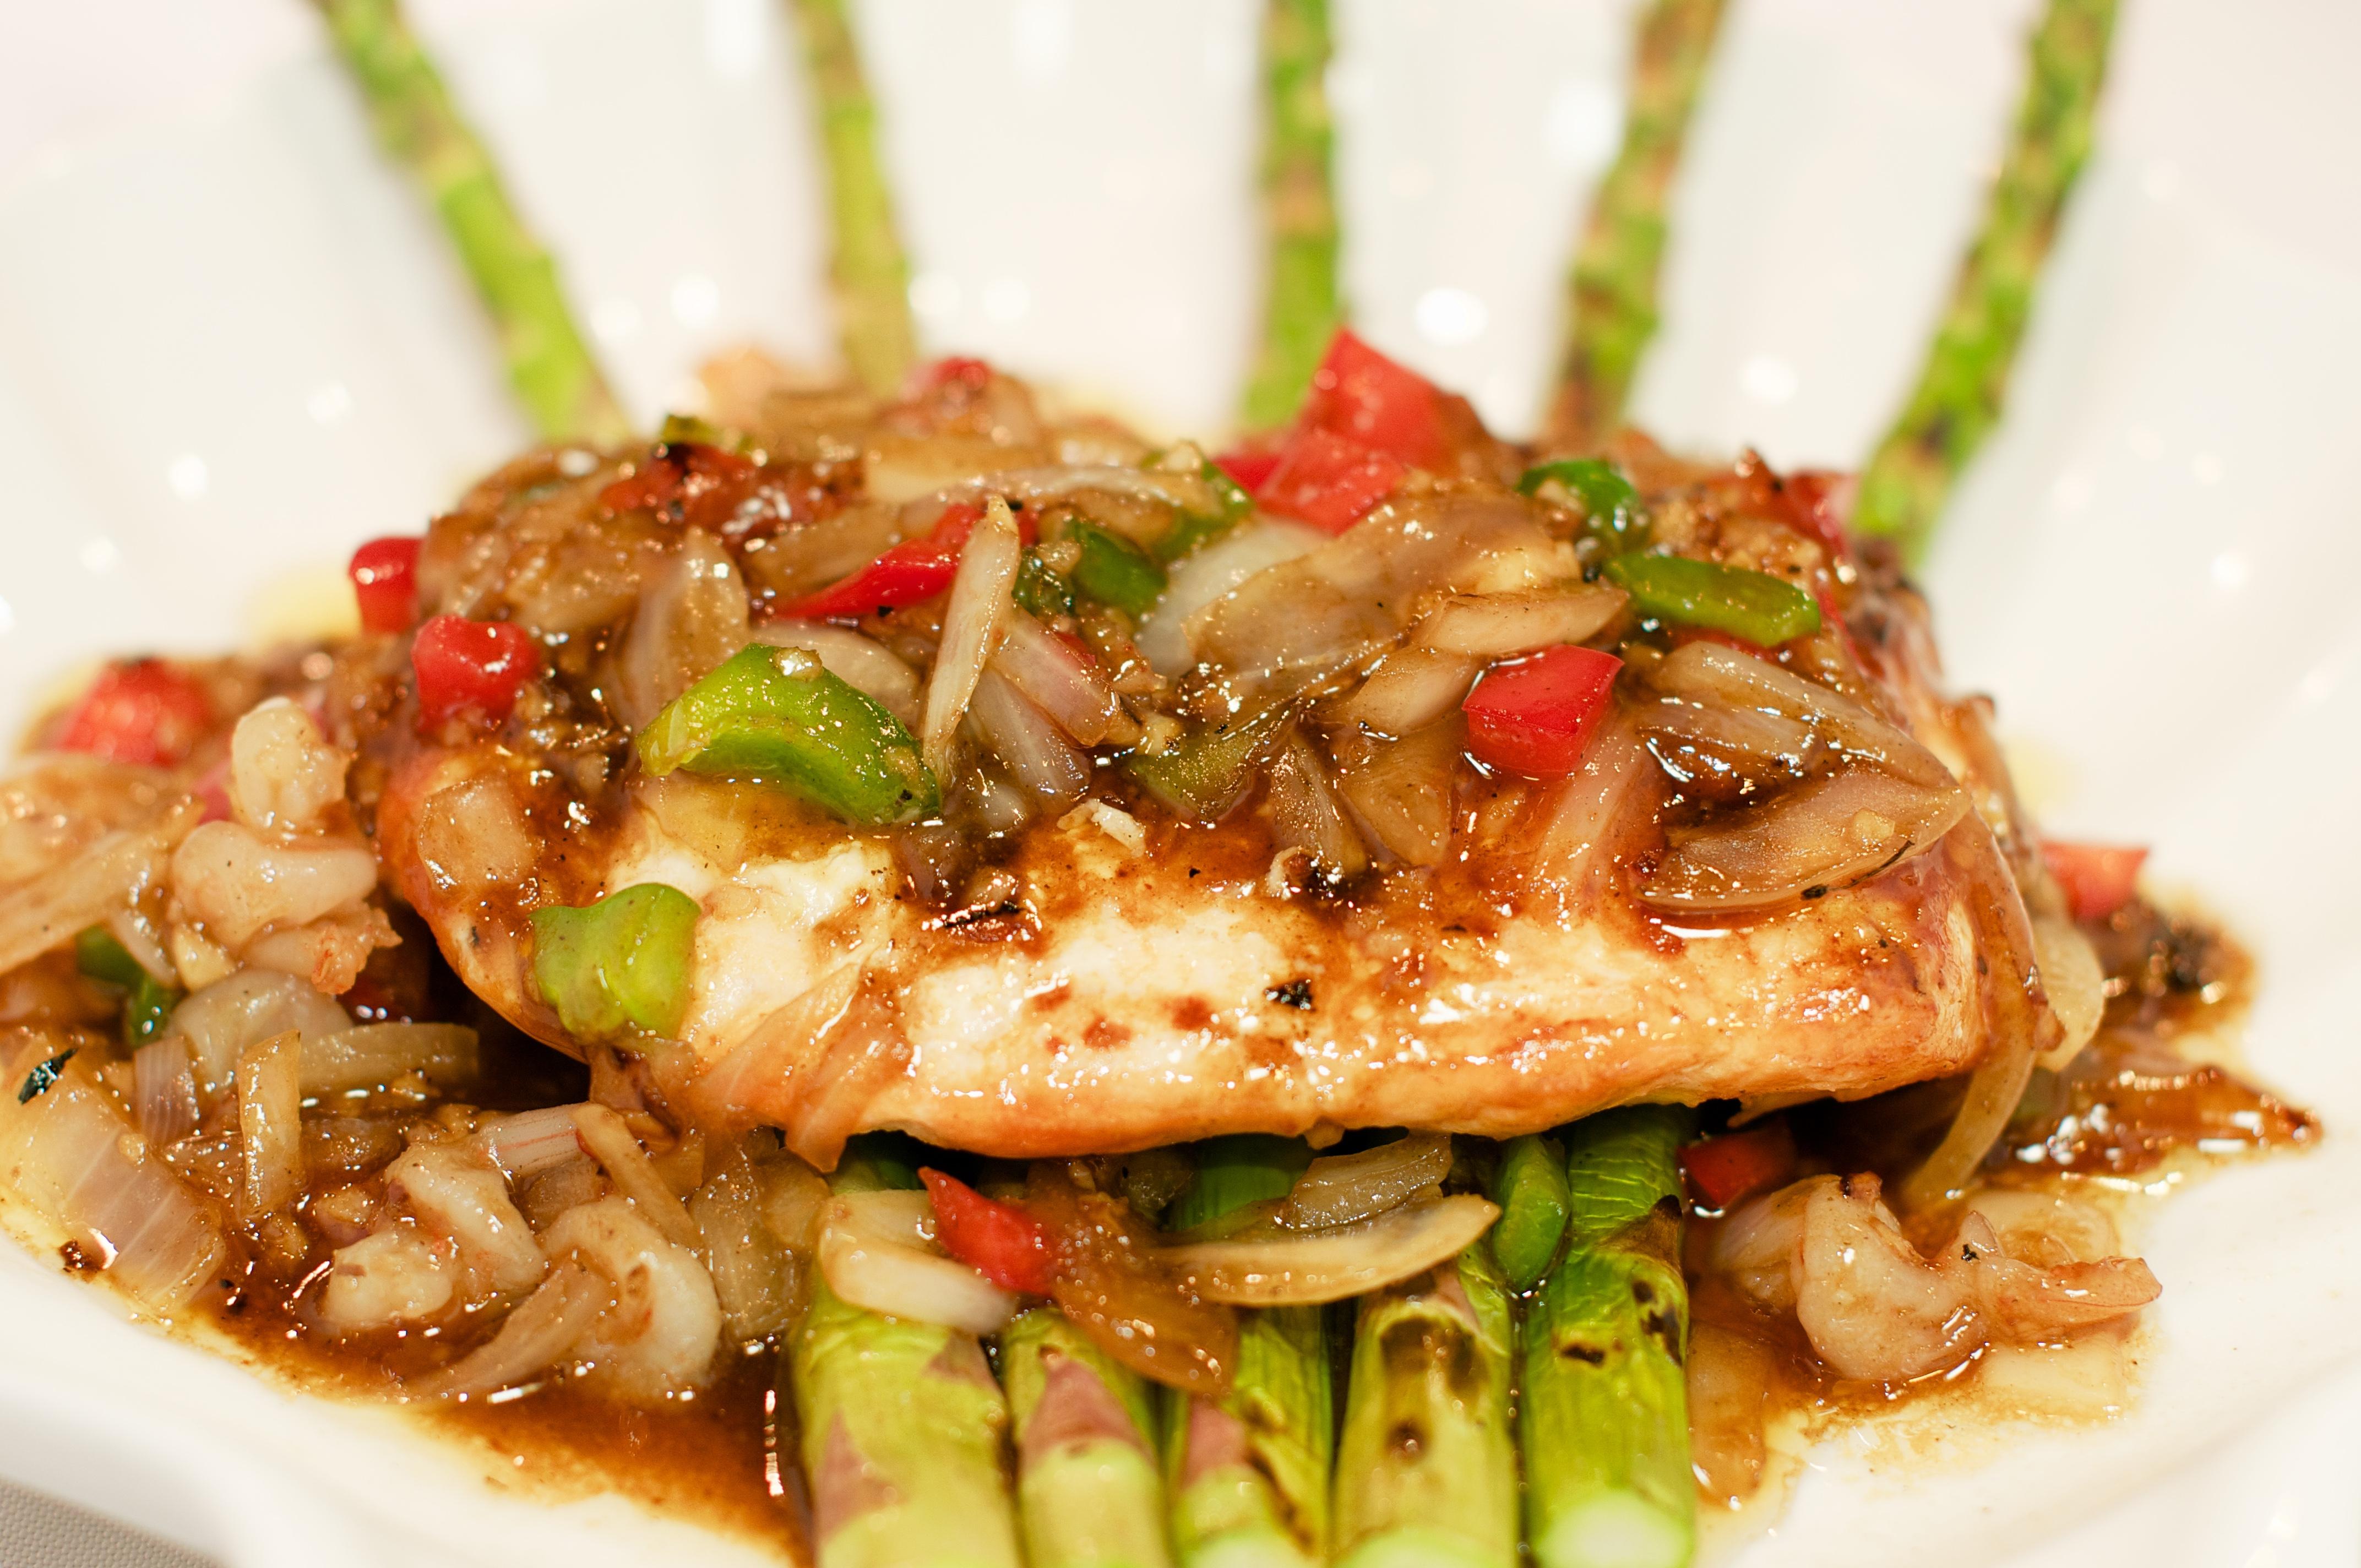 Garlic Salmon Image